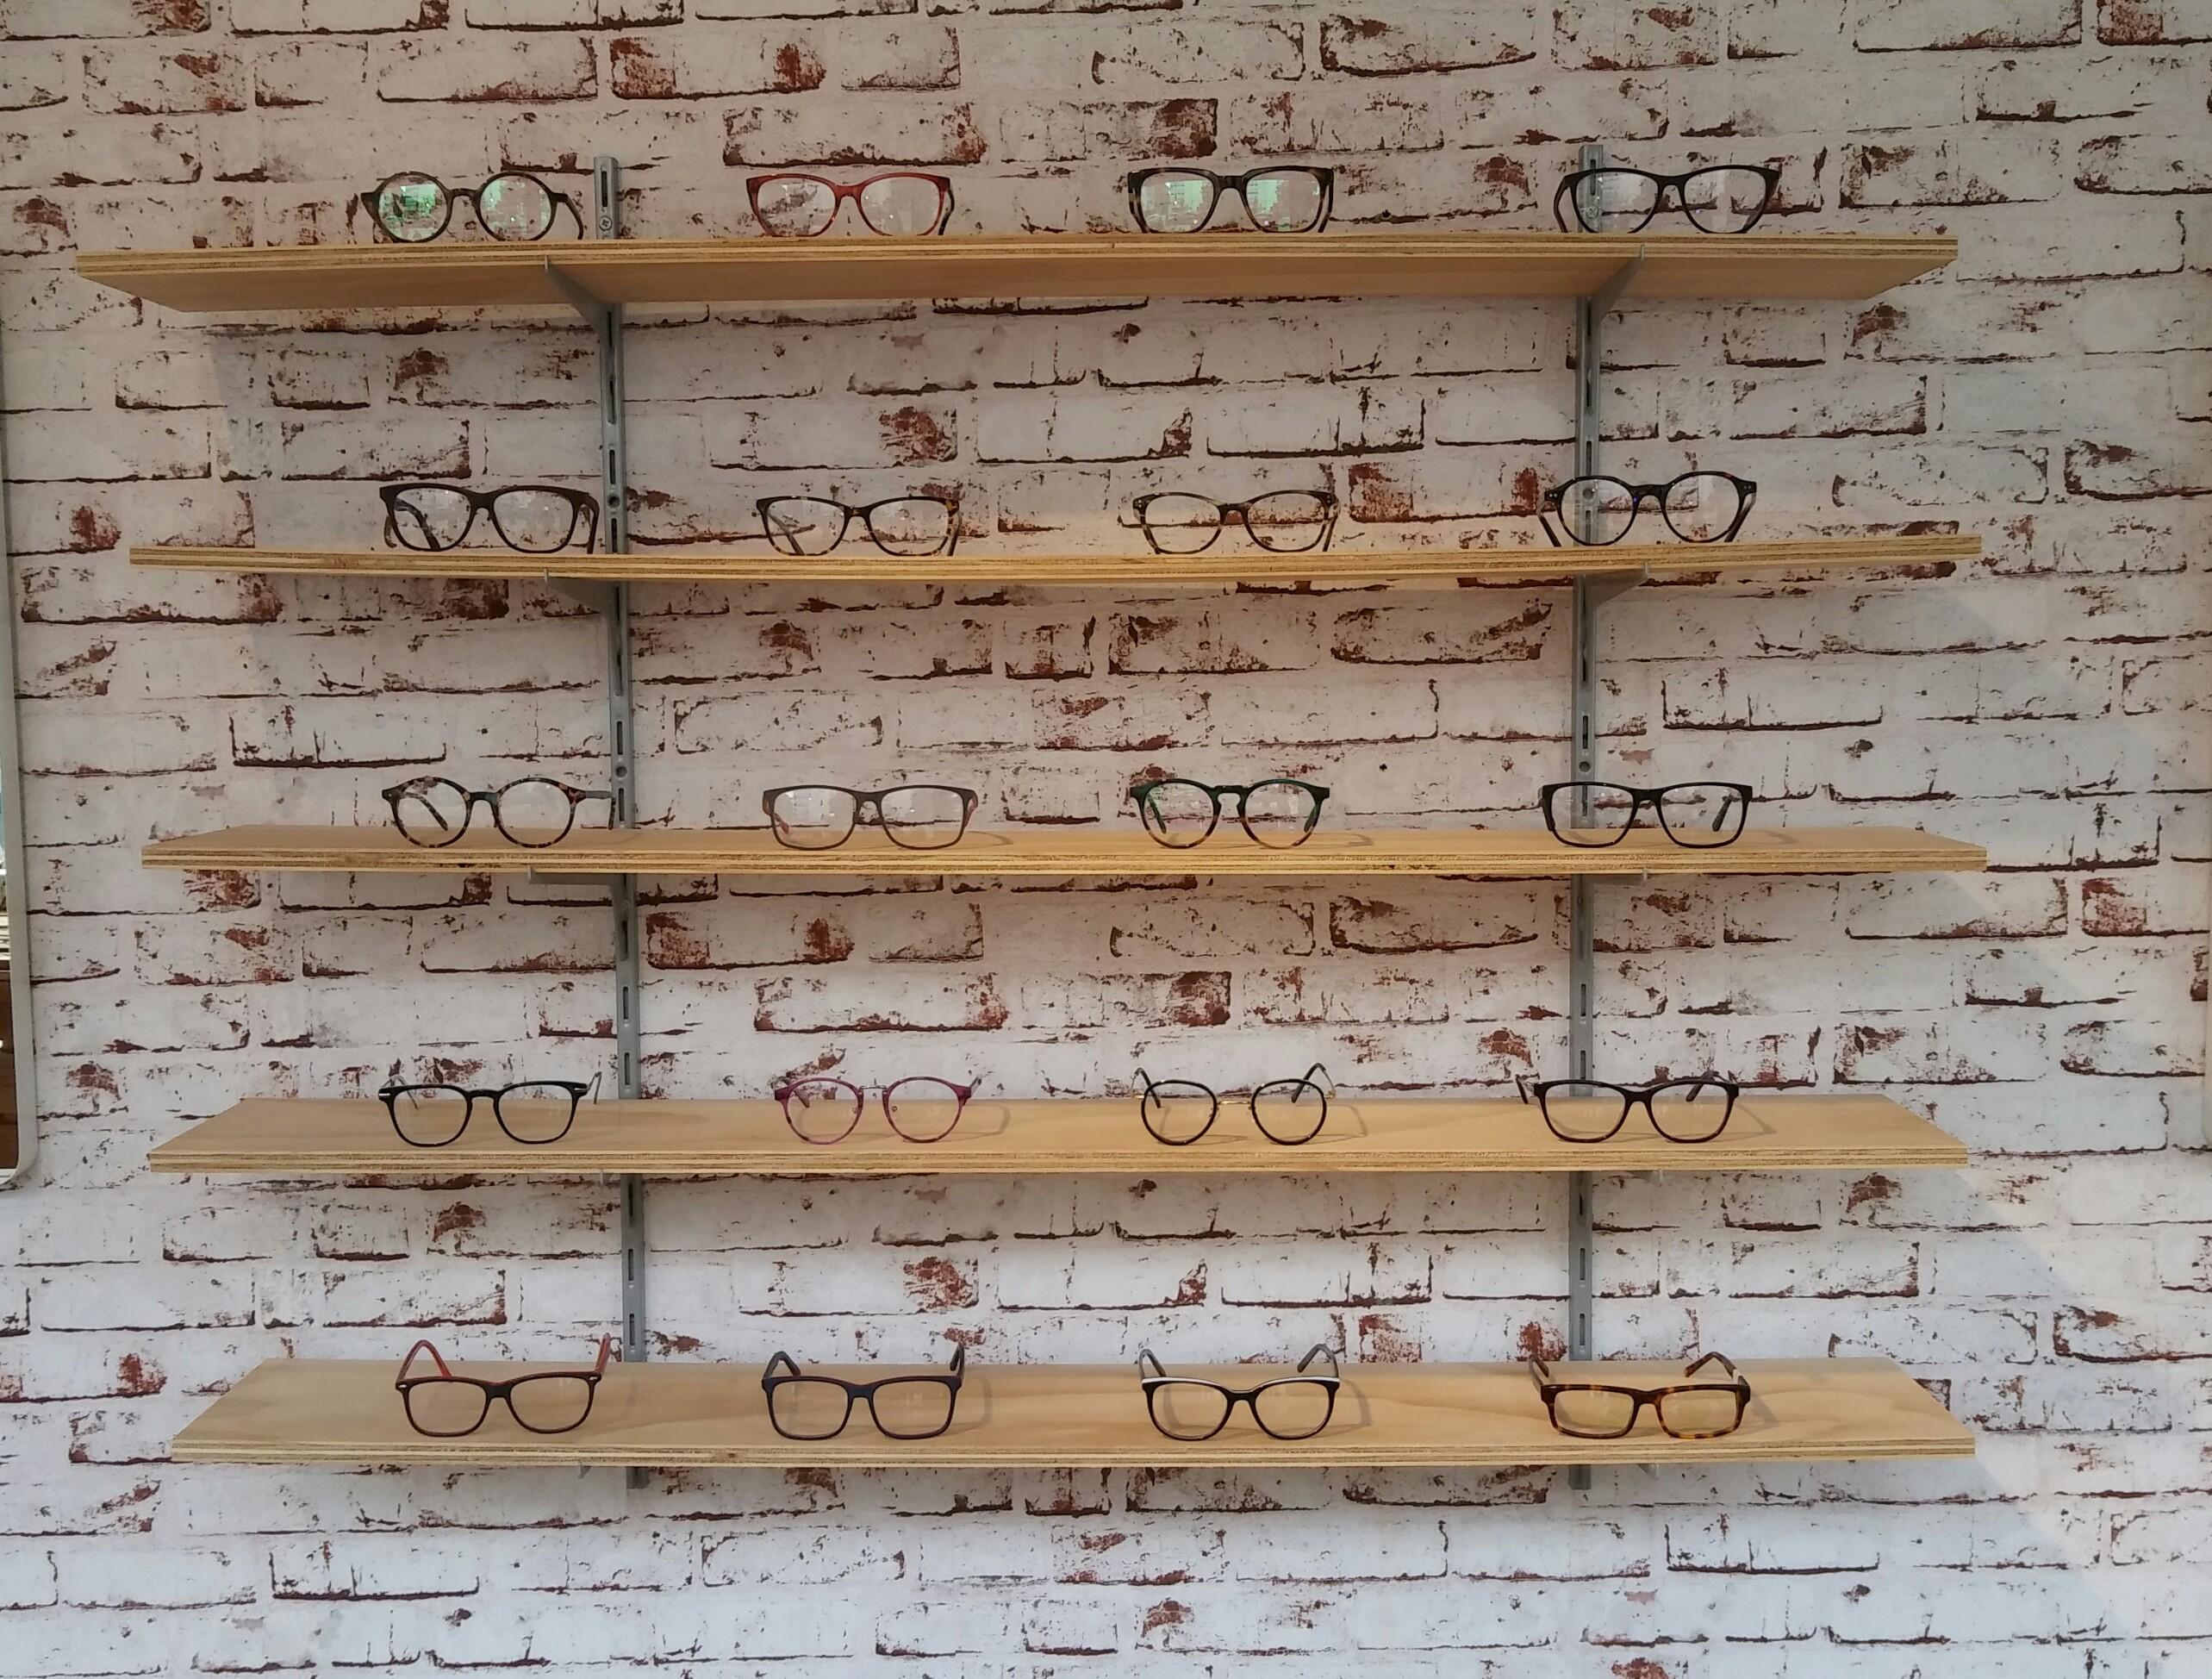 Vilvoptique - Stel je vraag aan de opticien